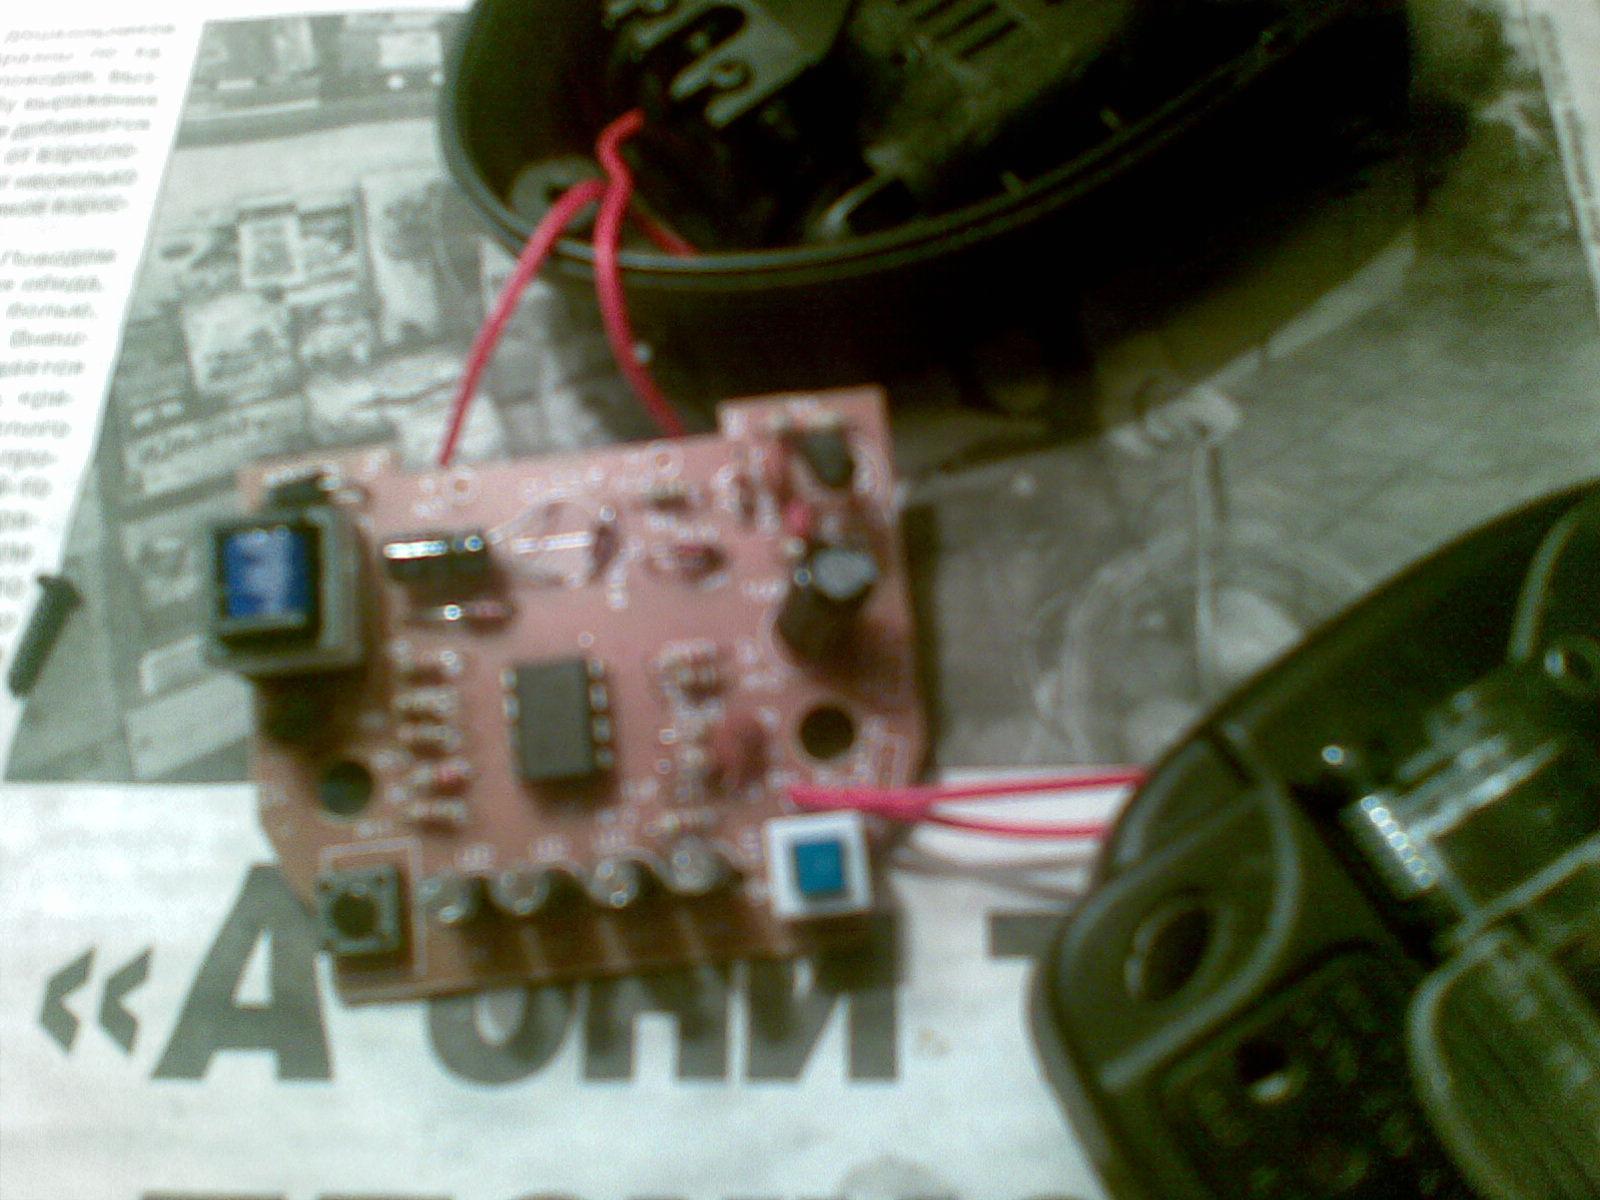 схемы зарядок для телефонов на транзисторе 13001